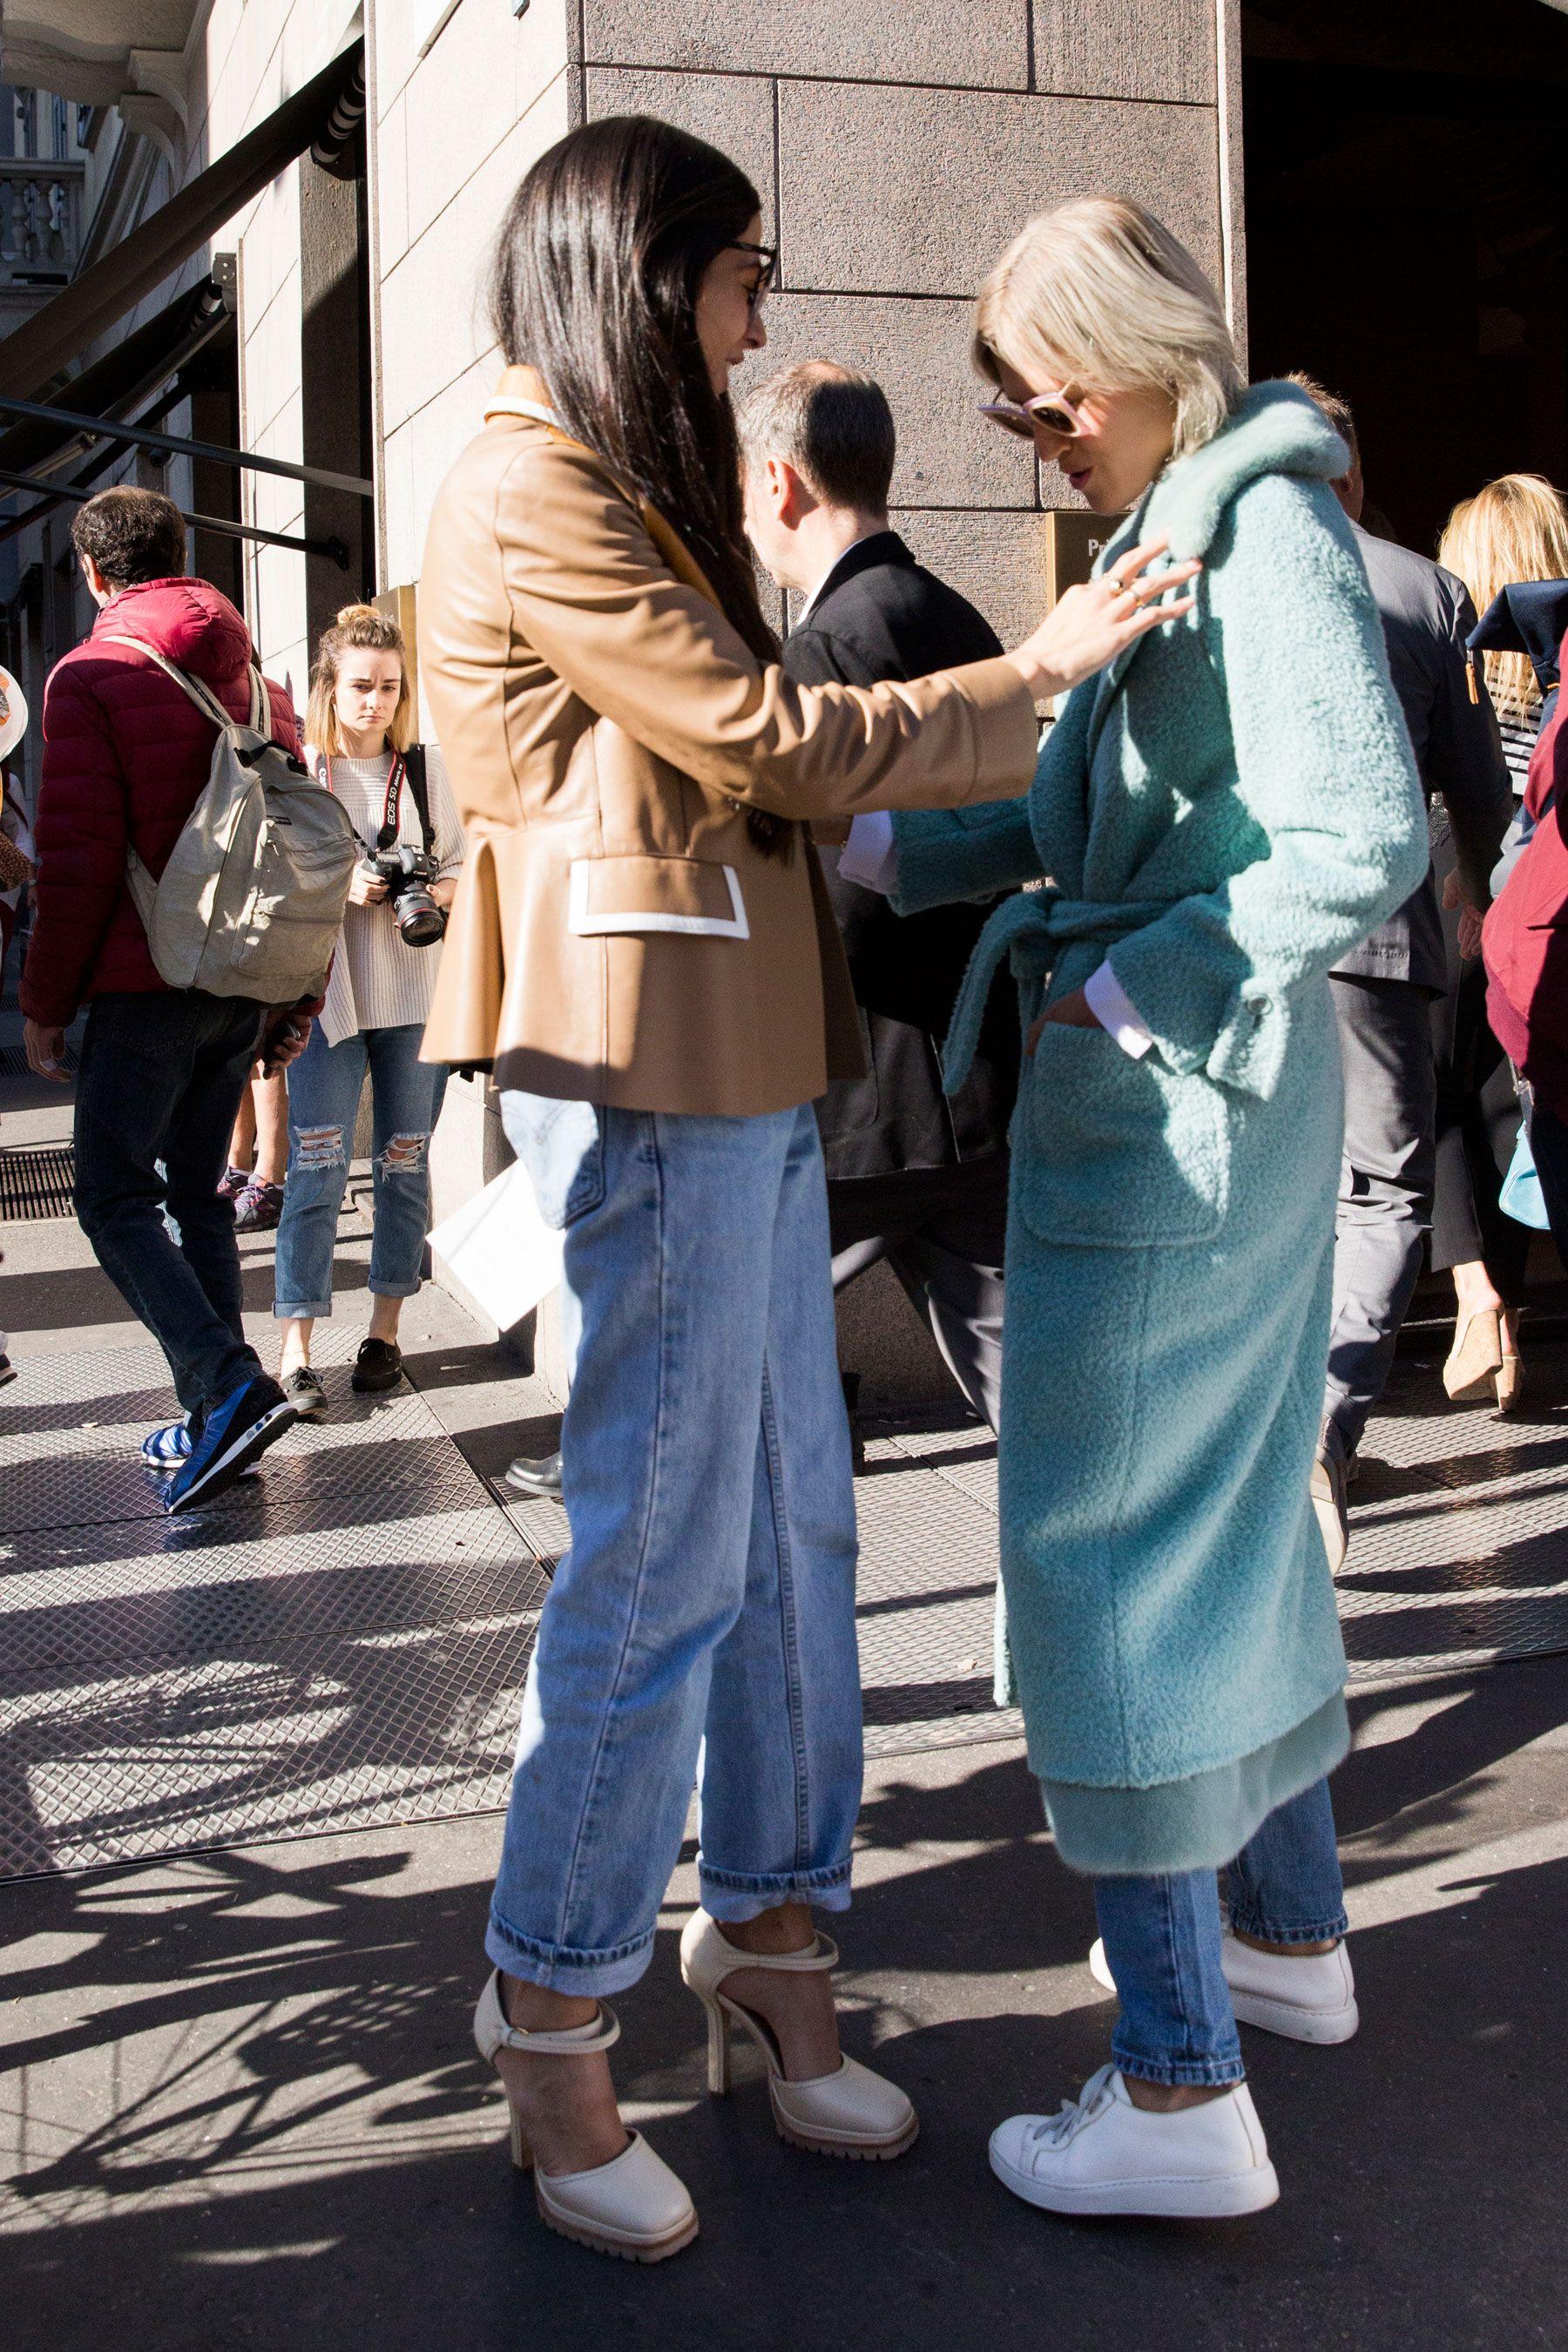 Street Fashion Milan Fashion Week Wiosna Lato 2016 Fashion Week Milan Fashion Week Fashion Week Spring